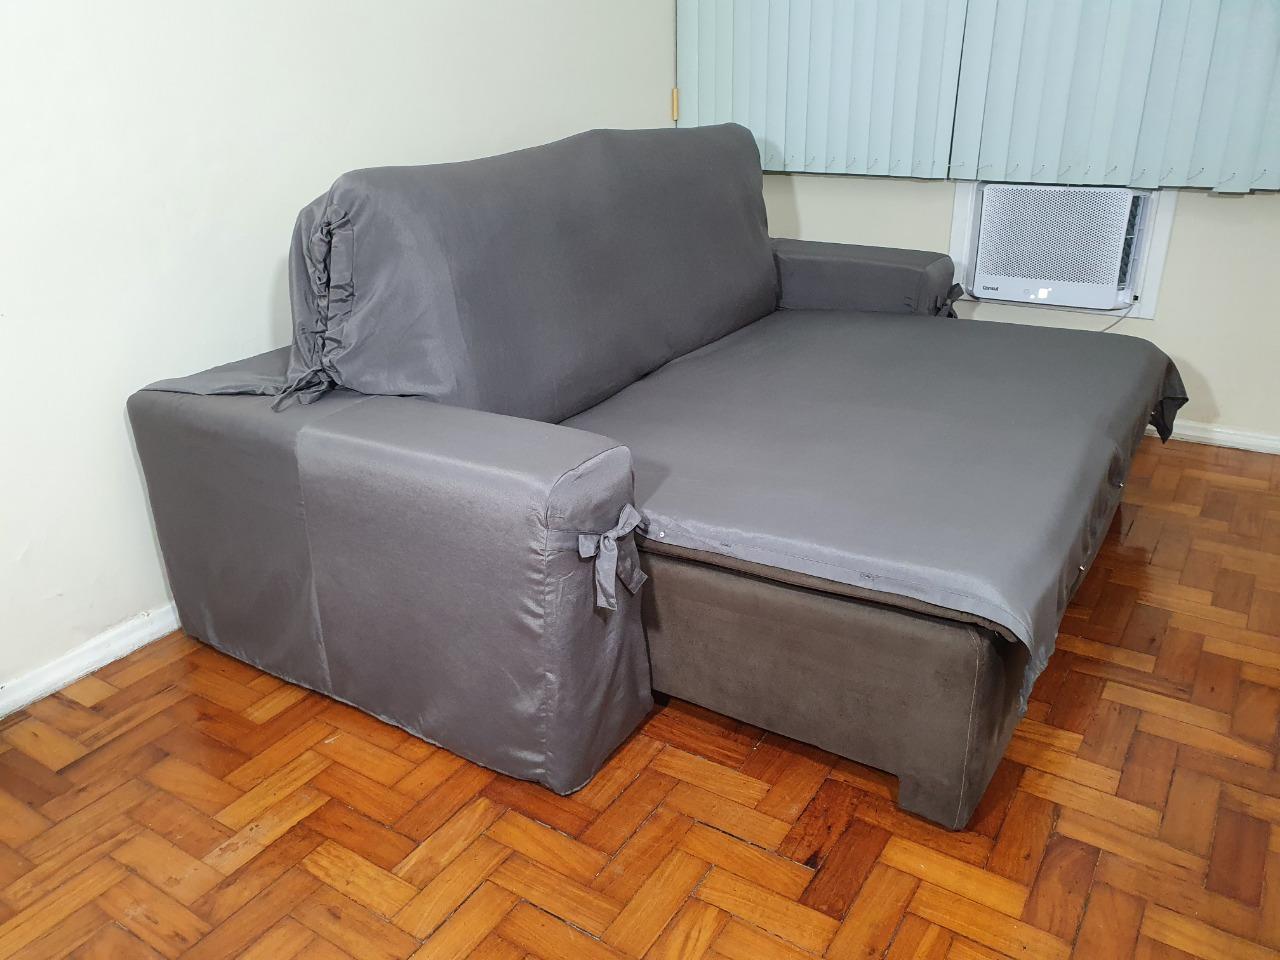 Capa p/ Sofá Retrátil e Reclinável em GORGURÃO GRAFITE - Veste Sofás de 2,36m até 2,65m